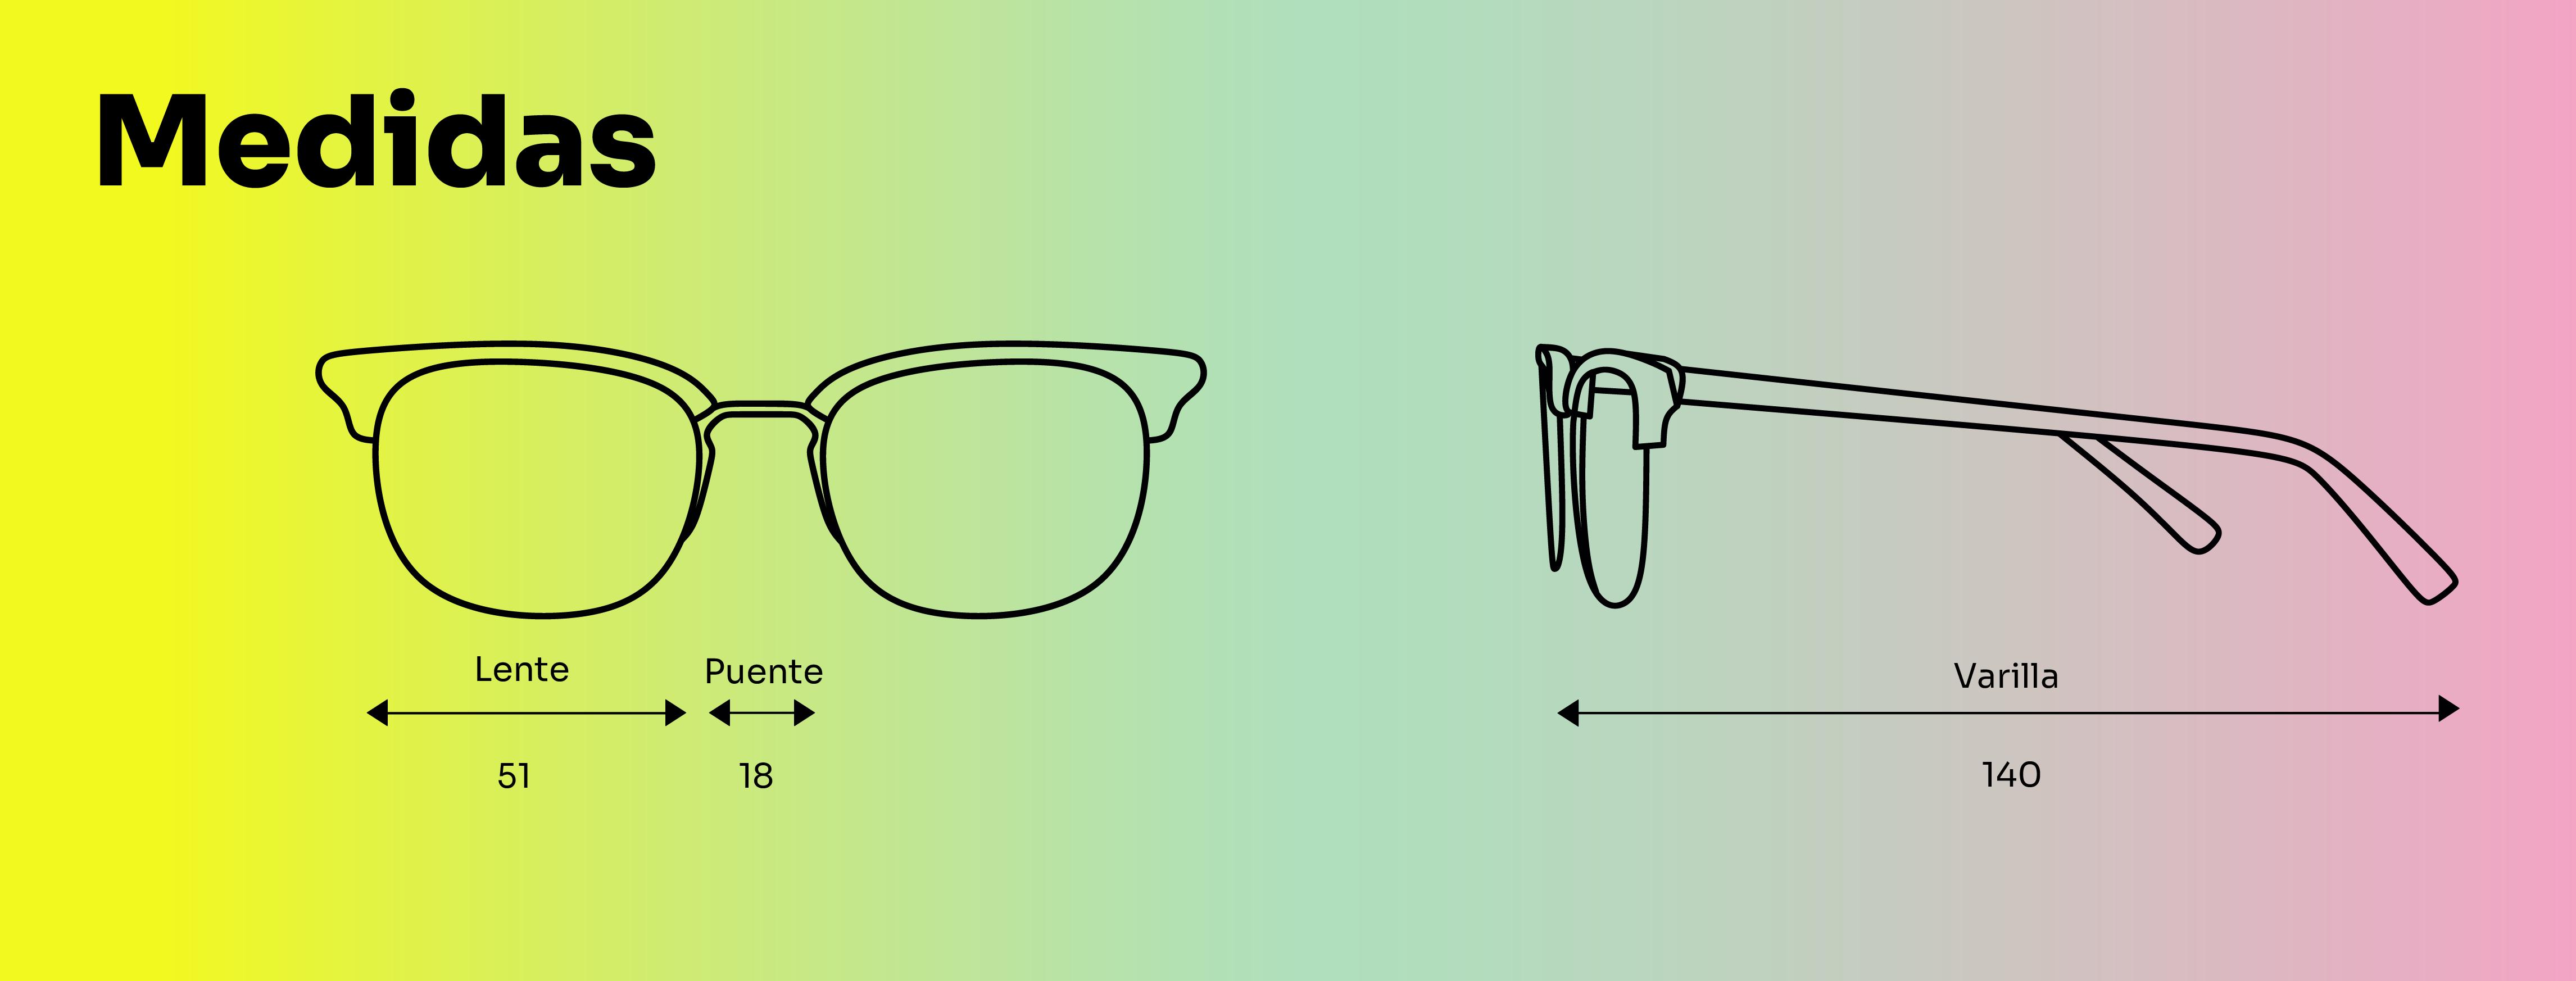 medidas-montura-de-gafas-graduadas-de-marca-Gaer